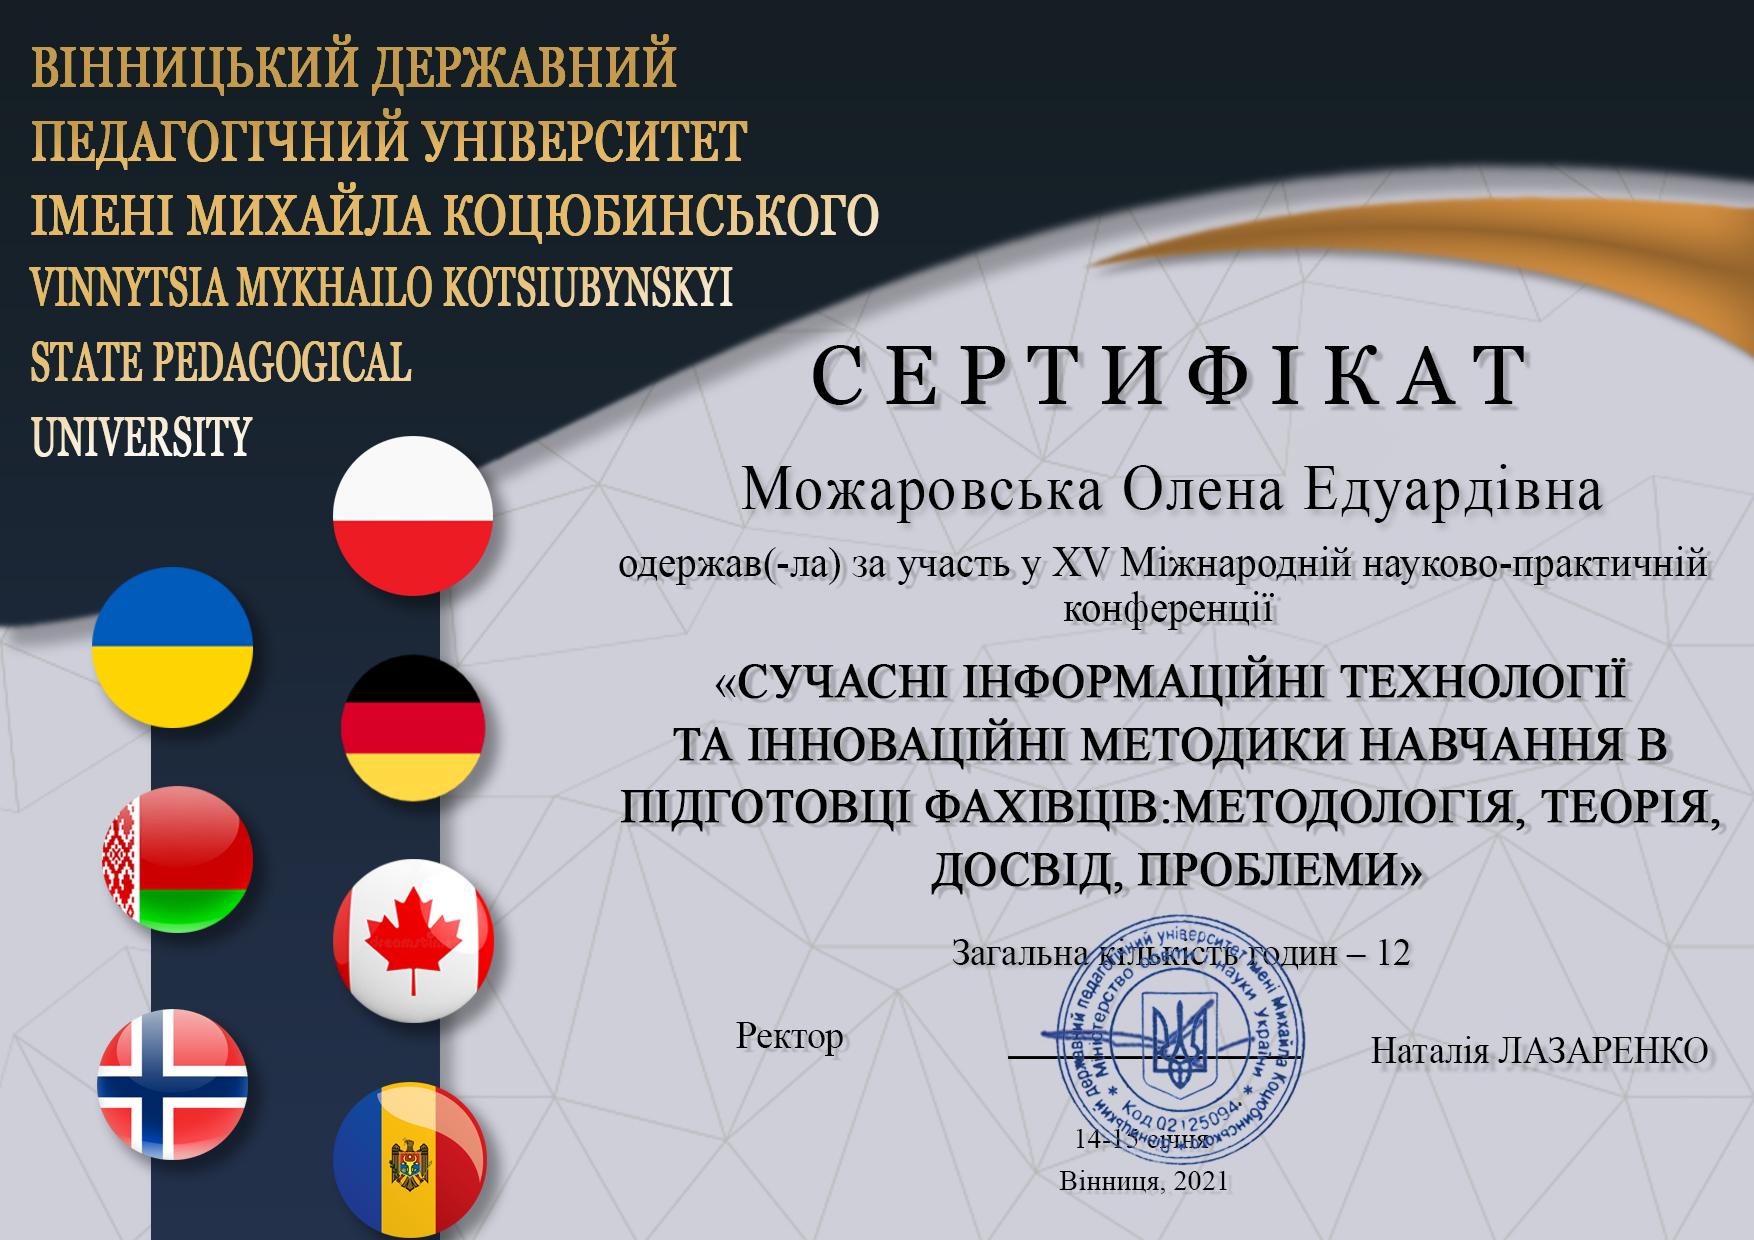 Можаровська Олена Едуардівна